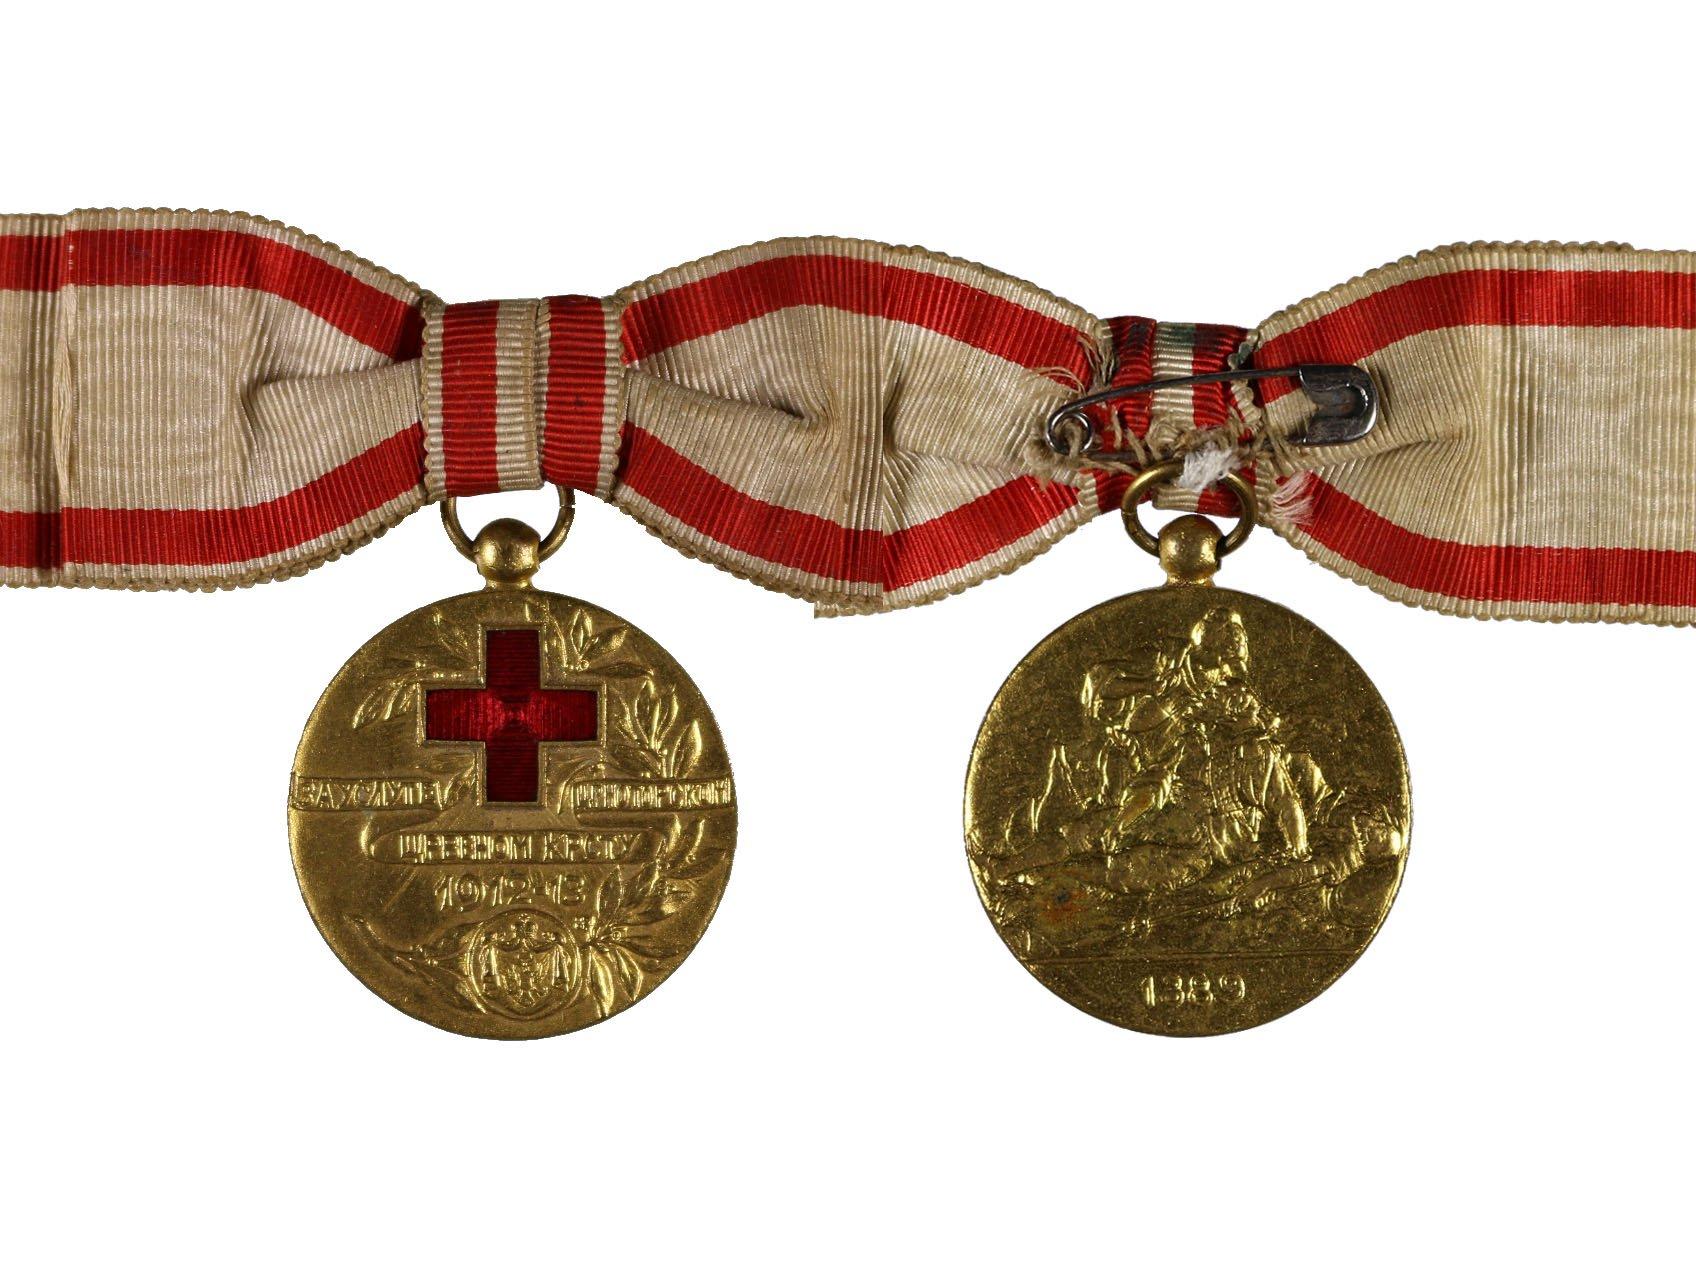 Zlatá medaile za zásluhy o Červený kříž 1912-1913, pozlacený bronz, původní dámská stuha, BAR.40